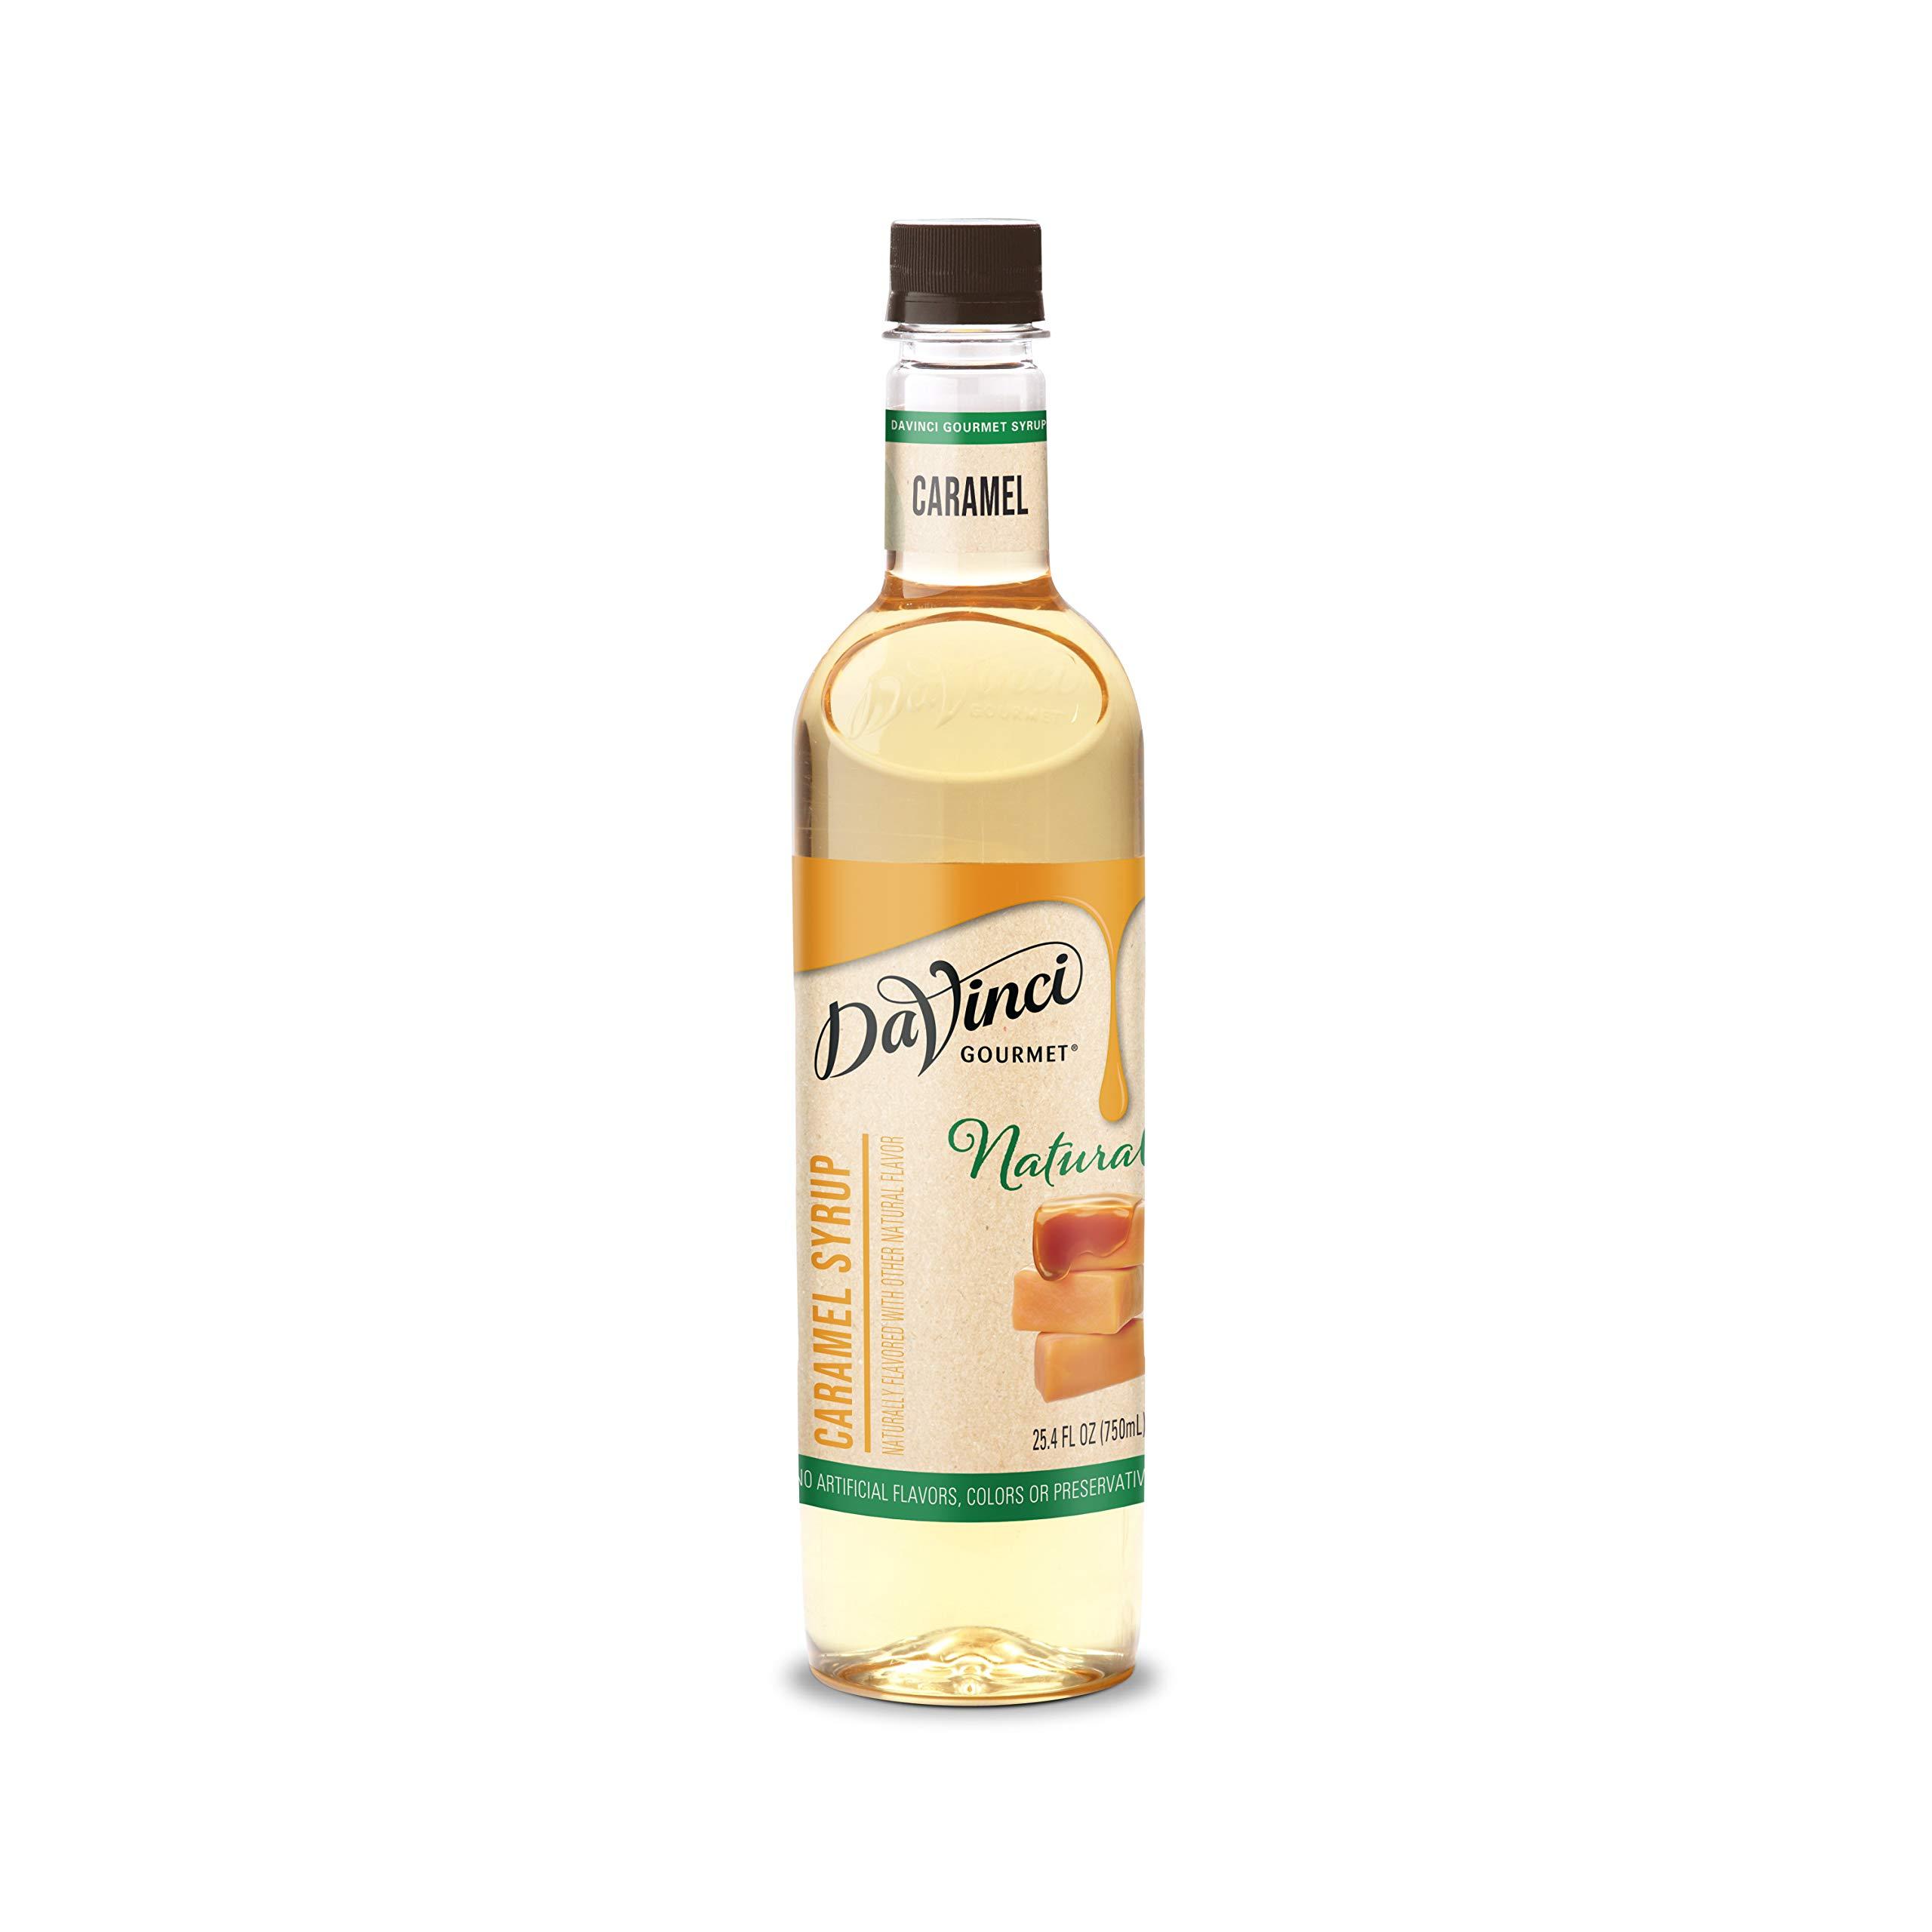 DaVinci Gourmet Naturals Caramel Syrup, 25.4 Ounce…